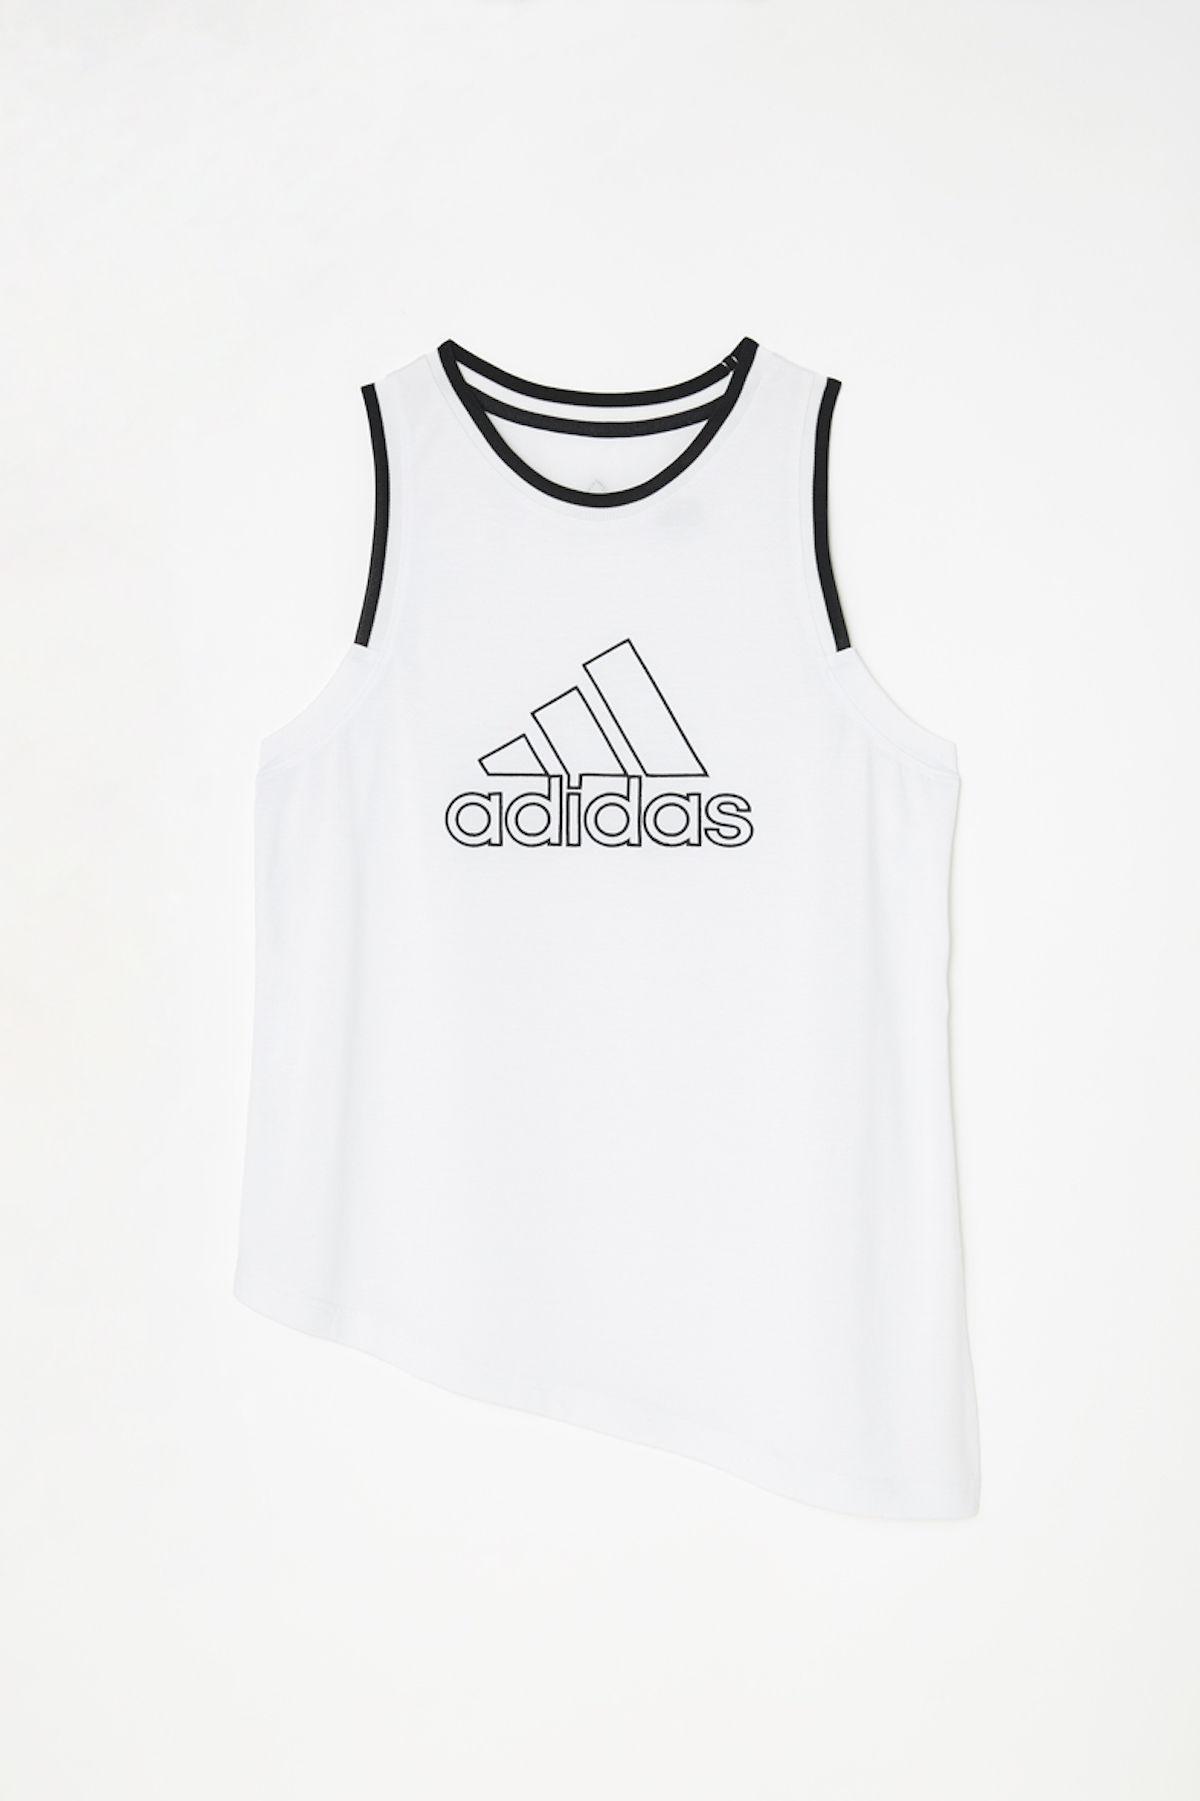 adidas×MOUSSY 第3弾コレクション発売決定!ファッションとスポーツの融合を体現したコレクション life180223_adidas_moussy_02-1200x1801